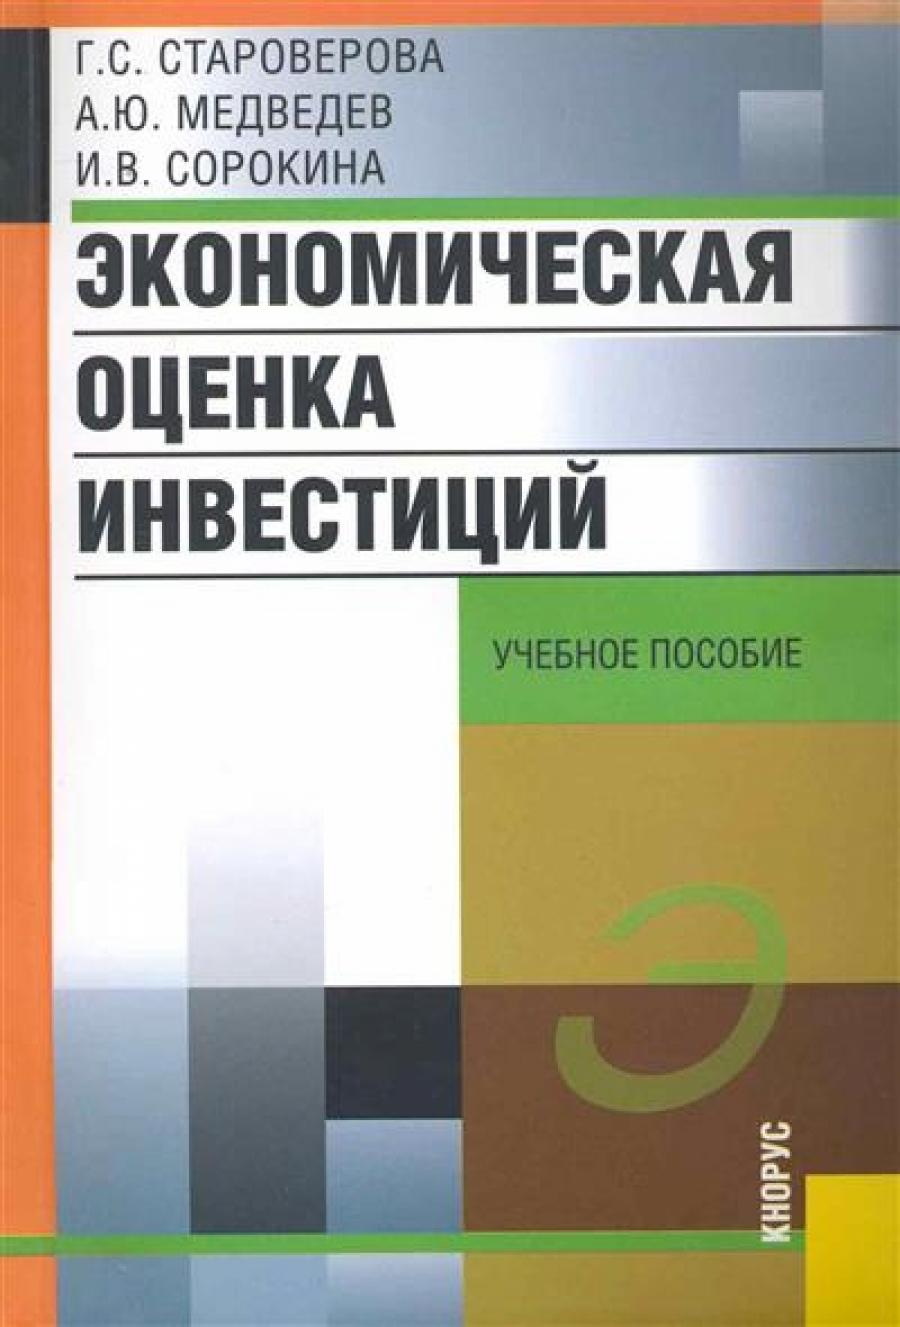 Обложка книги:  г. с. староверова, а. ю. медведев, и. в. сорокина - экономическая оценка инвестиций